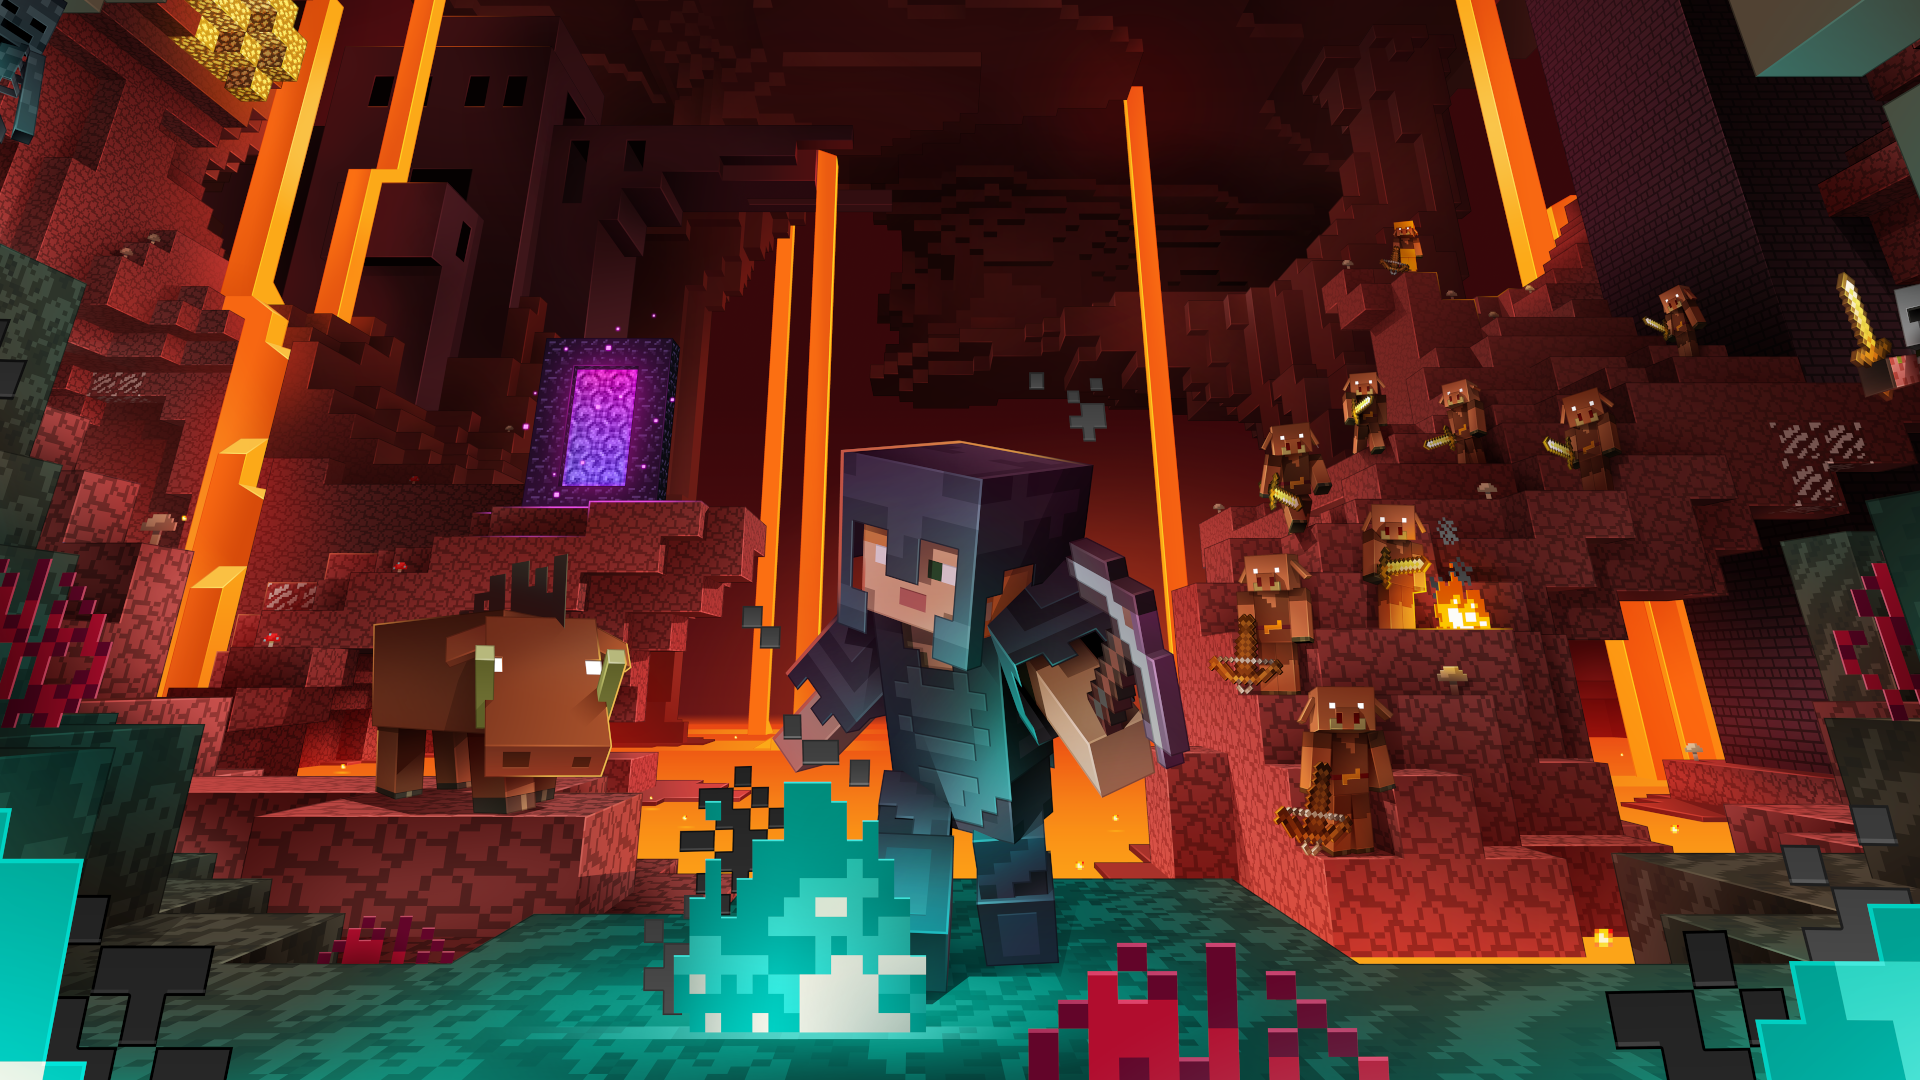 Seit dem Netherite-Update kann man das seltene Material in Minecraft finden und verwenden.